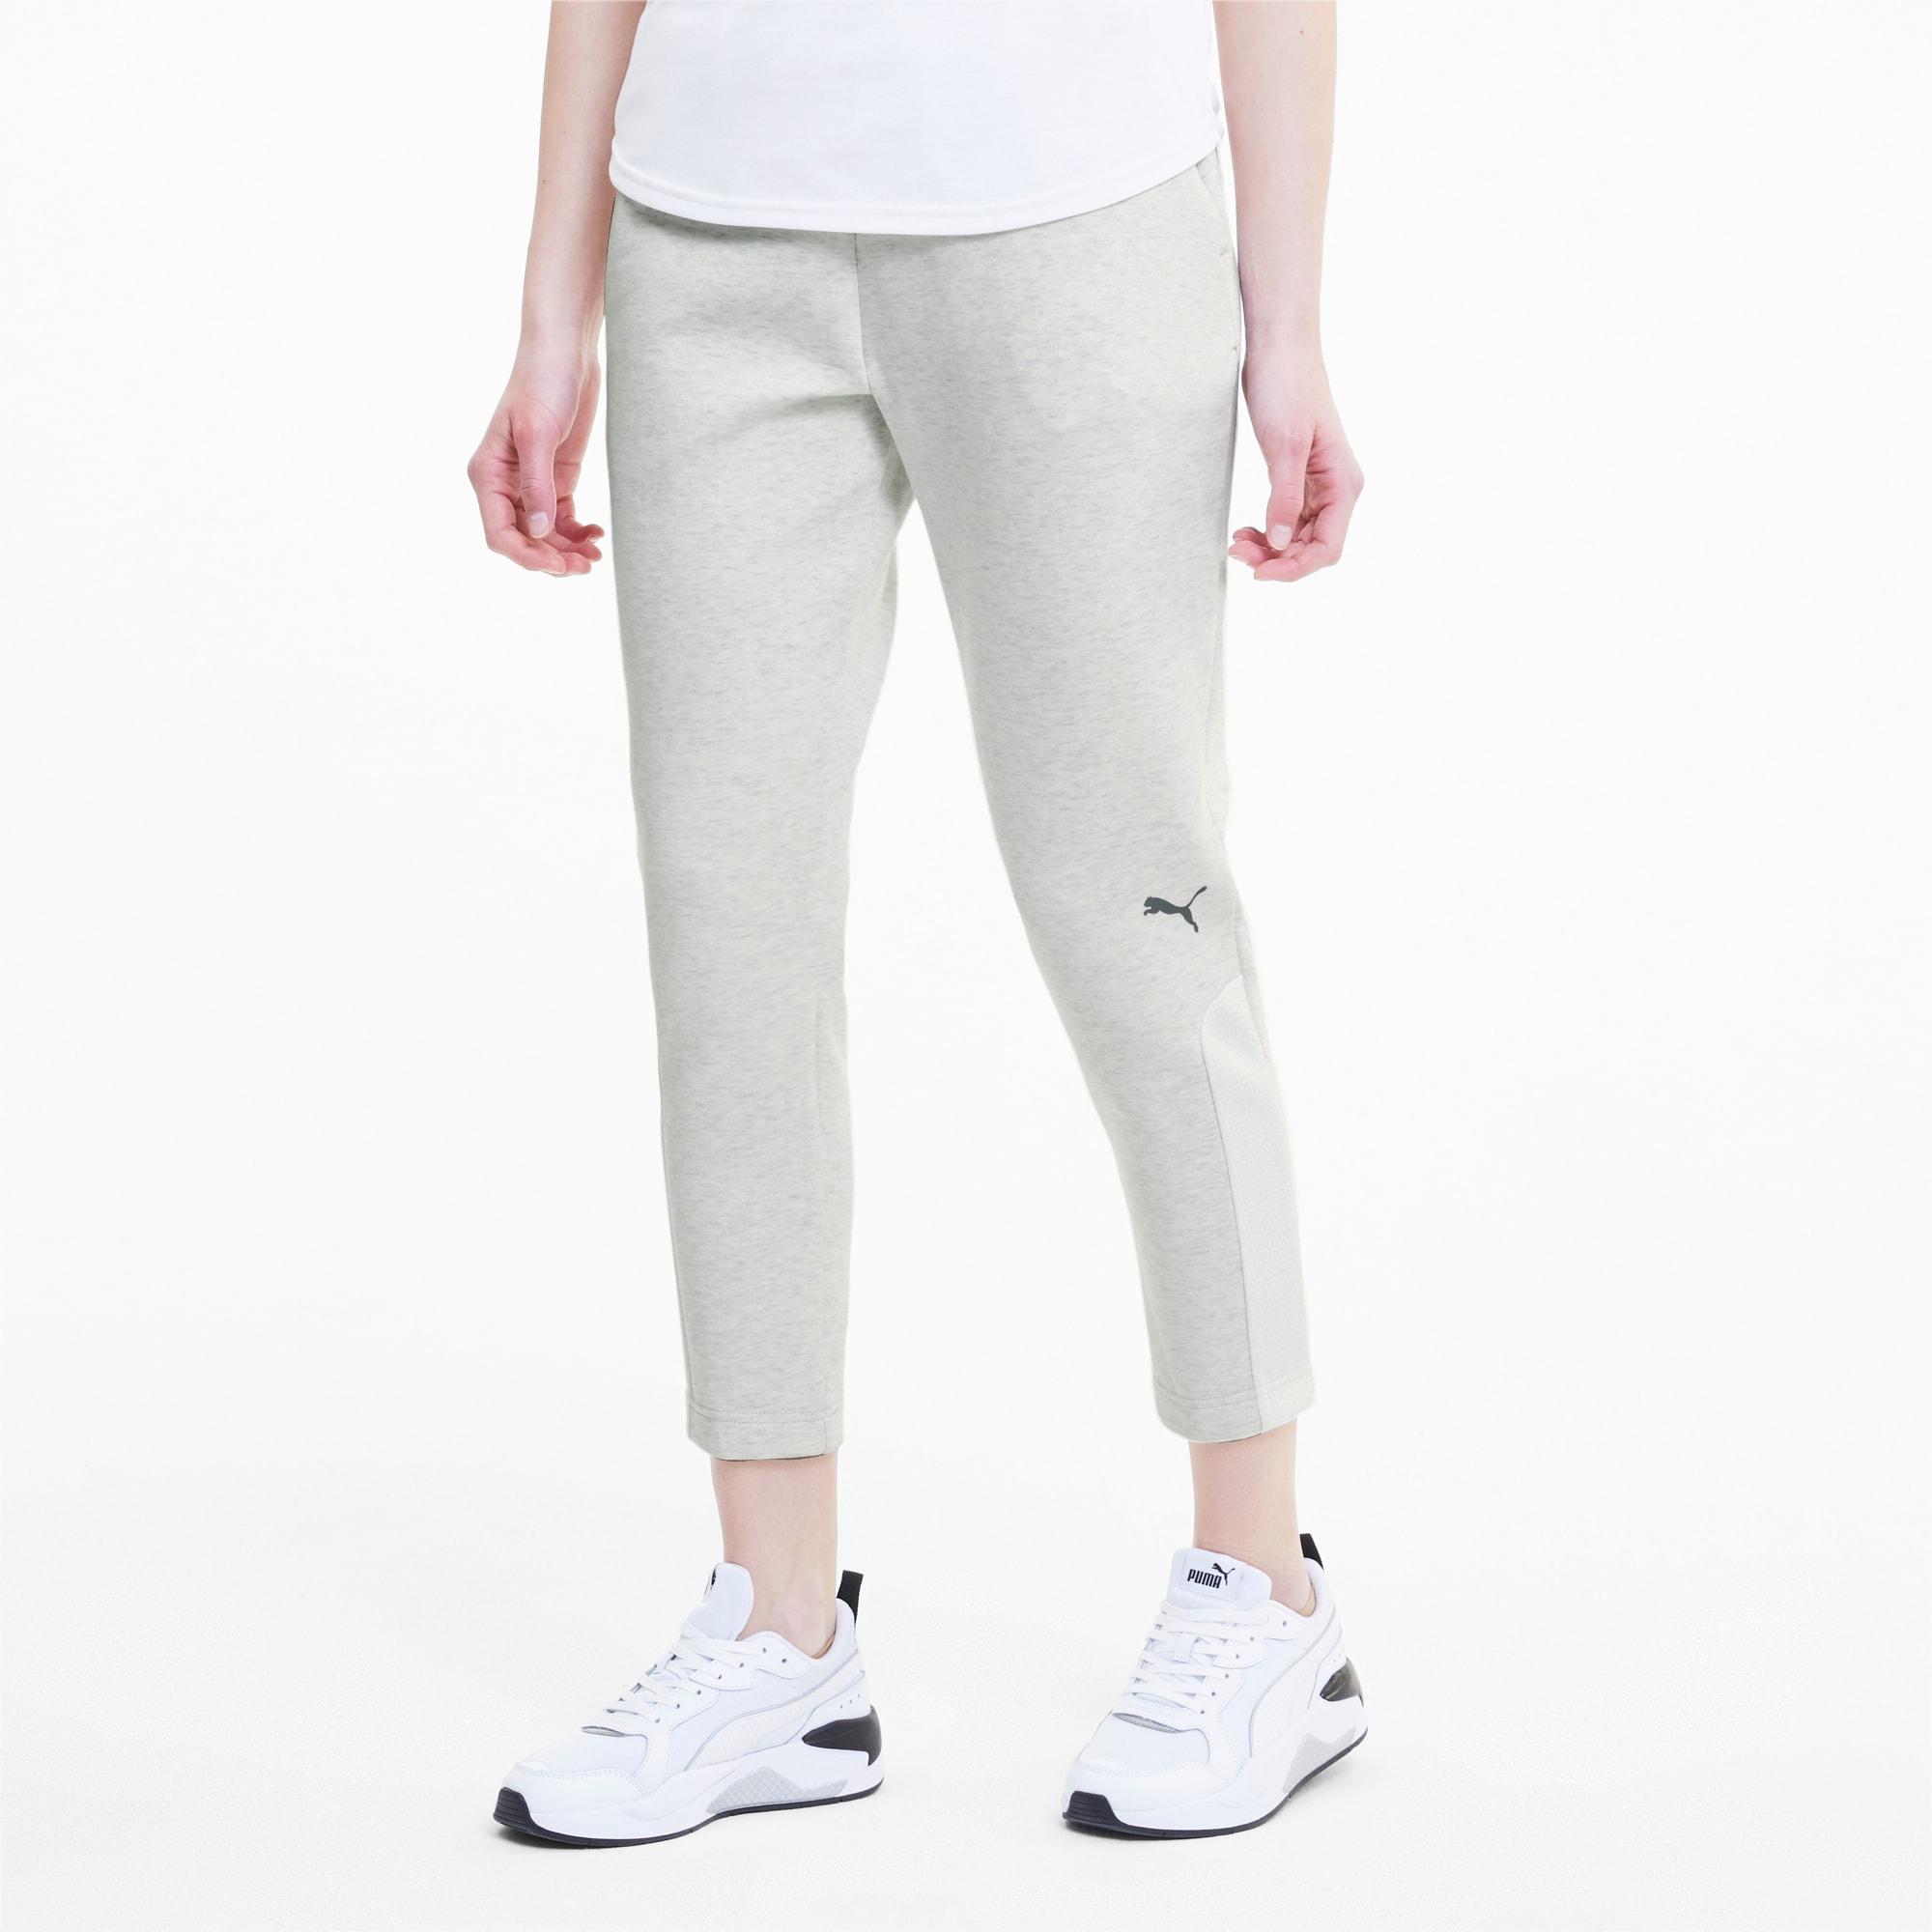 Pantalones De Deporte Para Mujer Evostripe Knitted Puma White Heather Puma Shoes Puma Espana